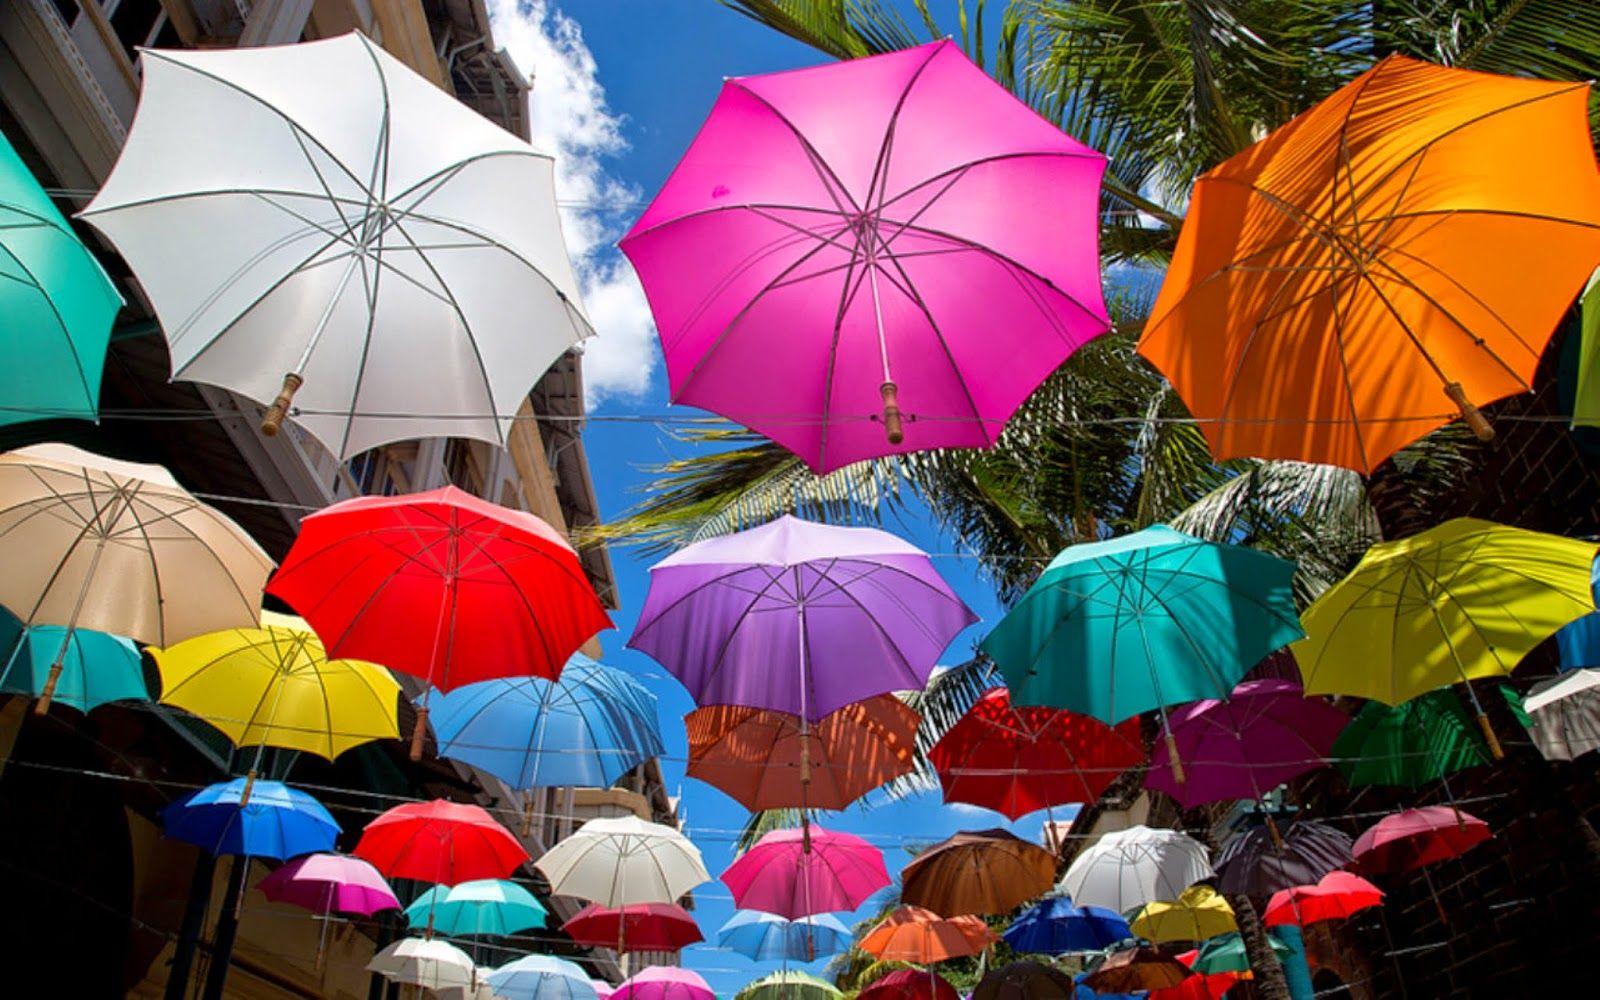 Colourful Umbrella 3d Art Wallpaper Hd Wallpapers Colorful Umbrellas Art Wallpaper Umbrella